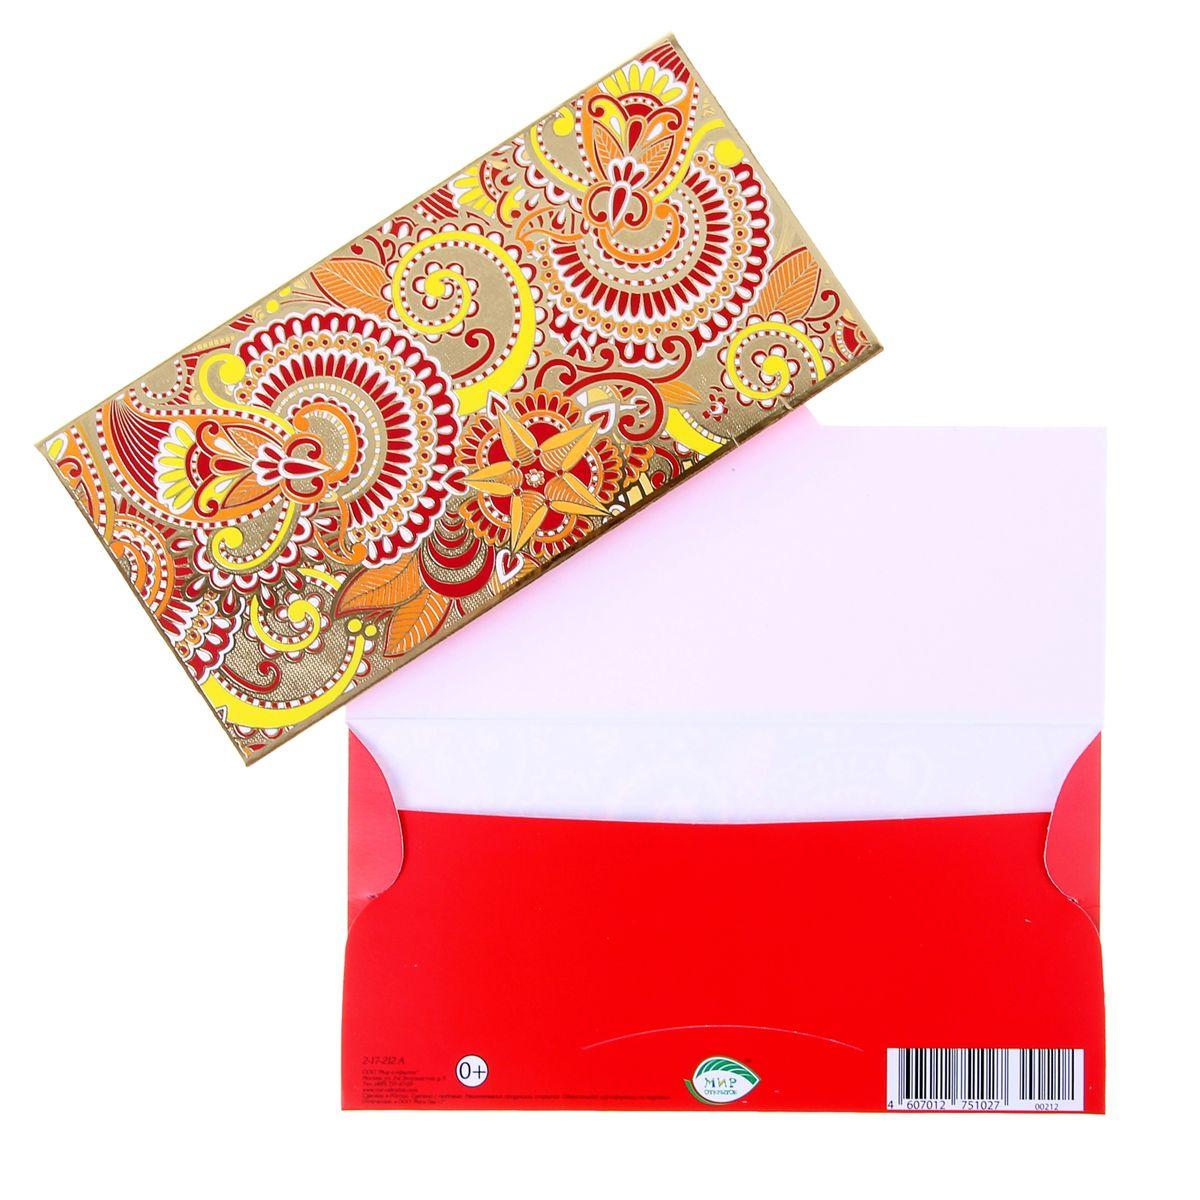 Конверт для денег Мир открыток. 10945451094545Красочный конверт для денег Мир открыток изготовлен из плотной бумаги. Внутри конверта находится отделение для денег. В таком красивом и оригинальном конверте подарок будет выглядеть ярко и торжественно!